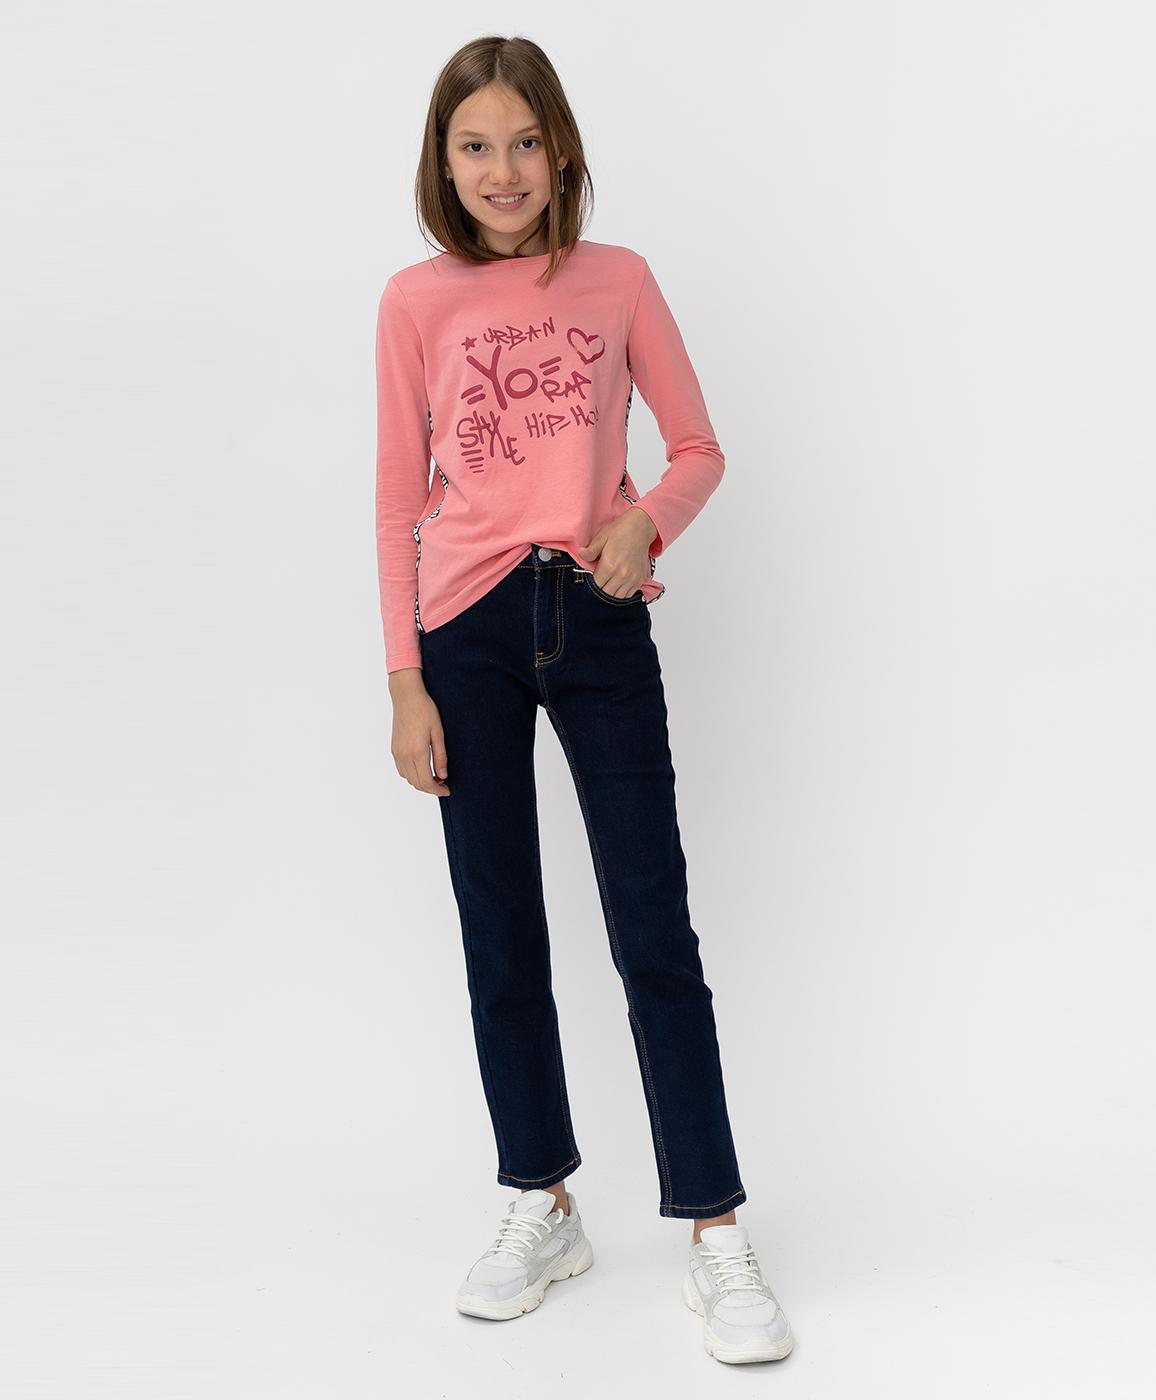 Купить 220BBGJC6401D500, Синие утепленные джинсы Button Blue, синий, 140, Деним (Джинса), Женский, Зима, ОСЕНЬ/ЗИМА 2020-2021 (shop: GulliverMarket Gulliver Market)